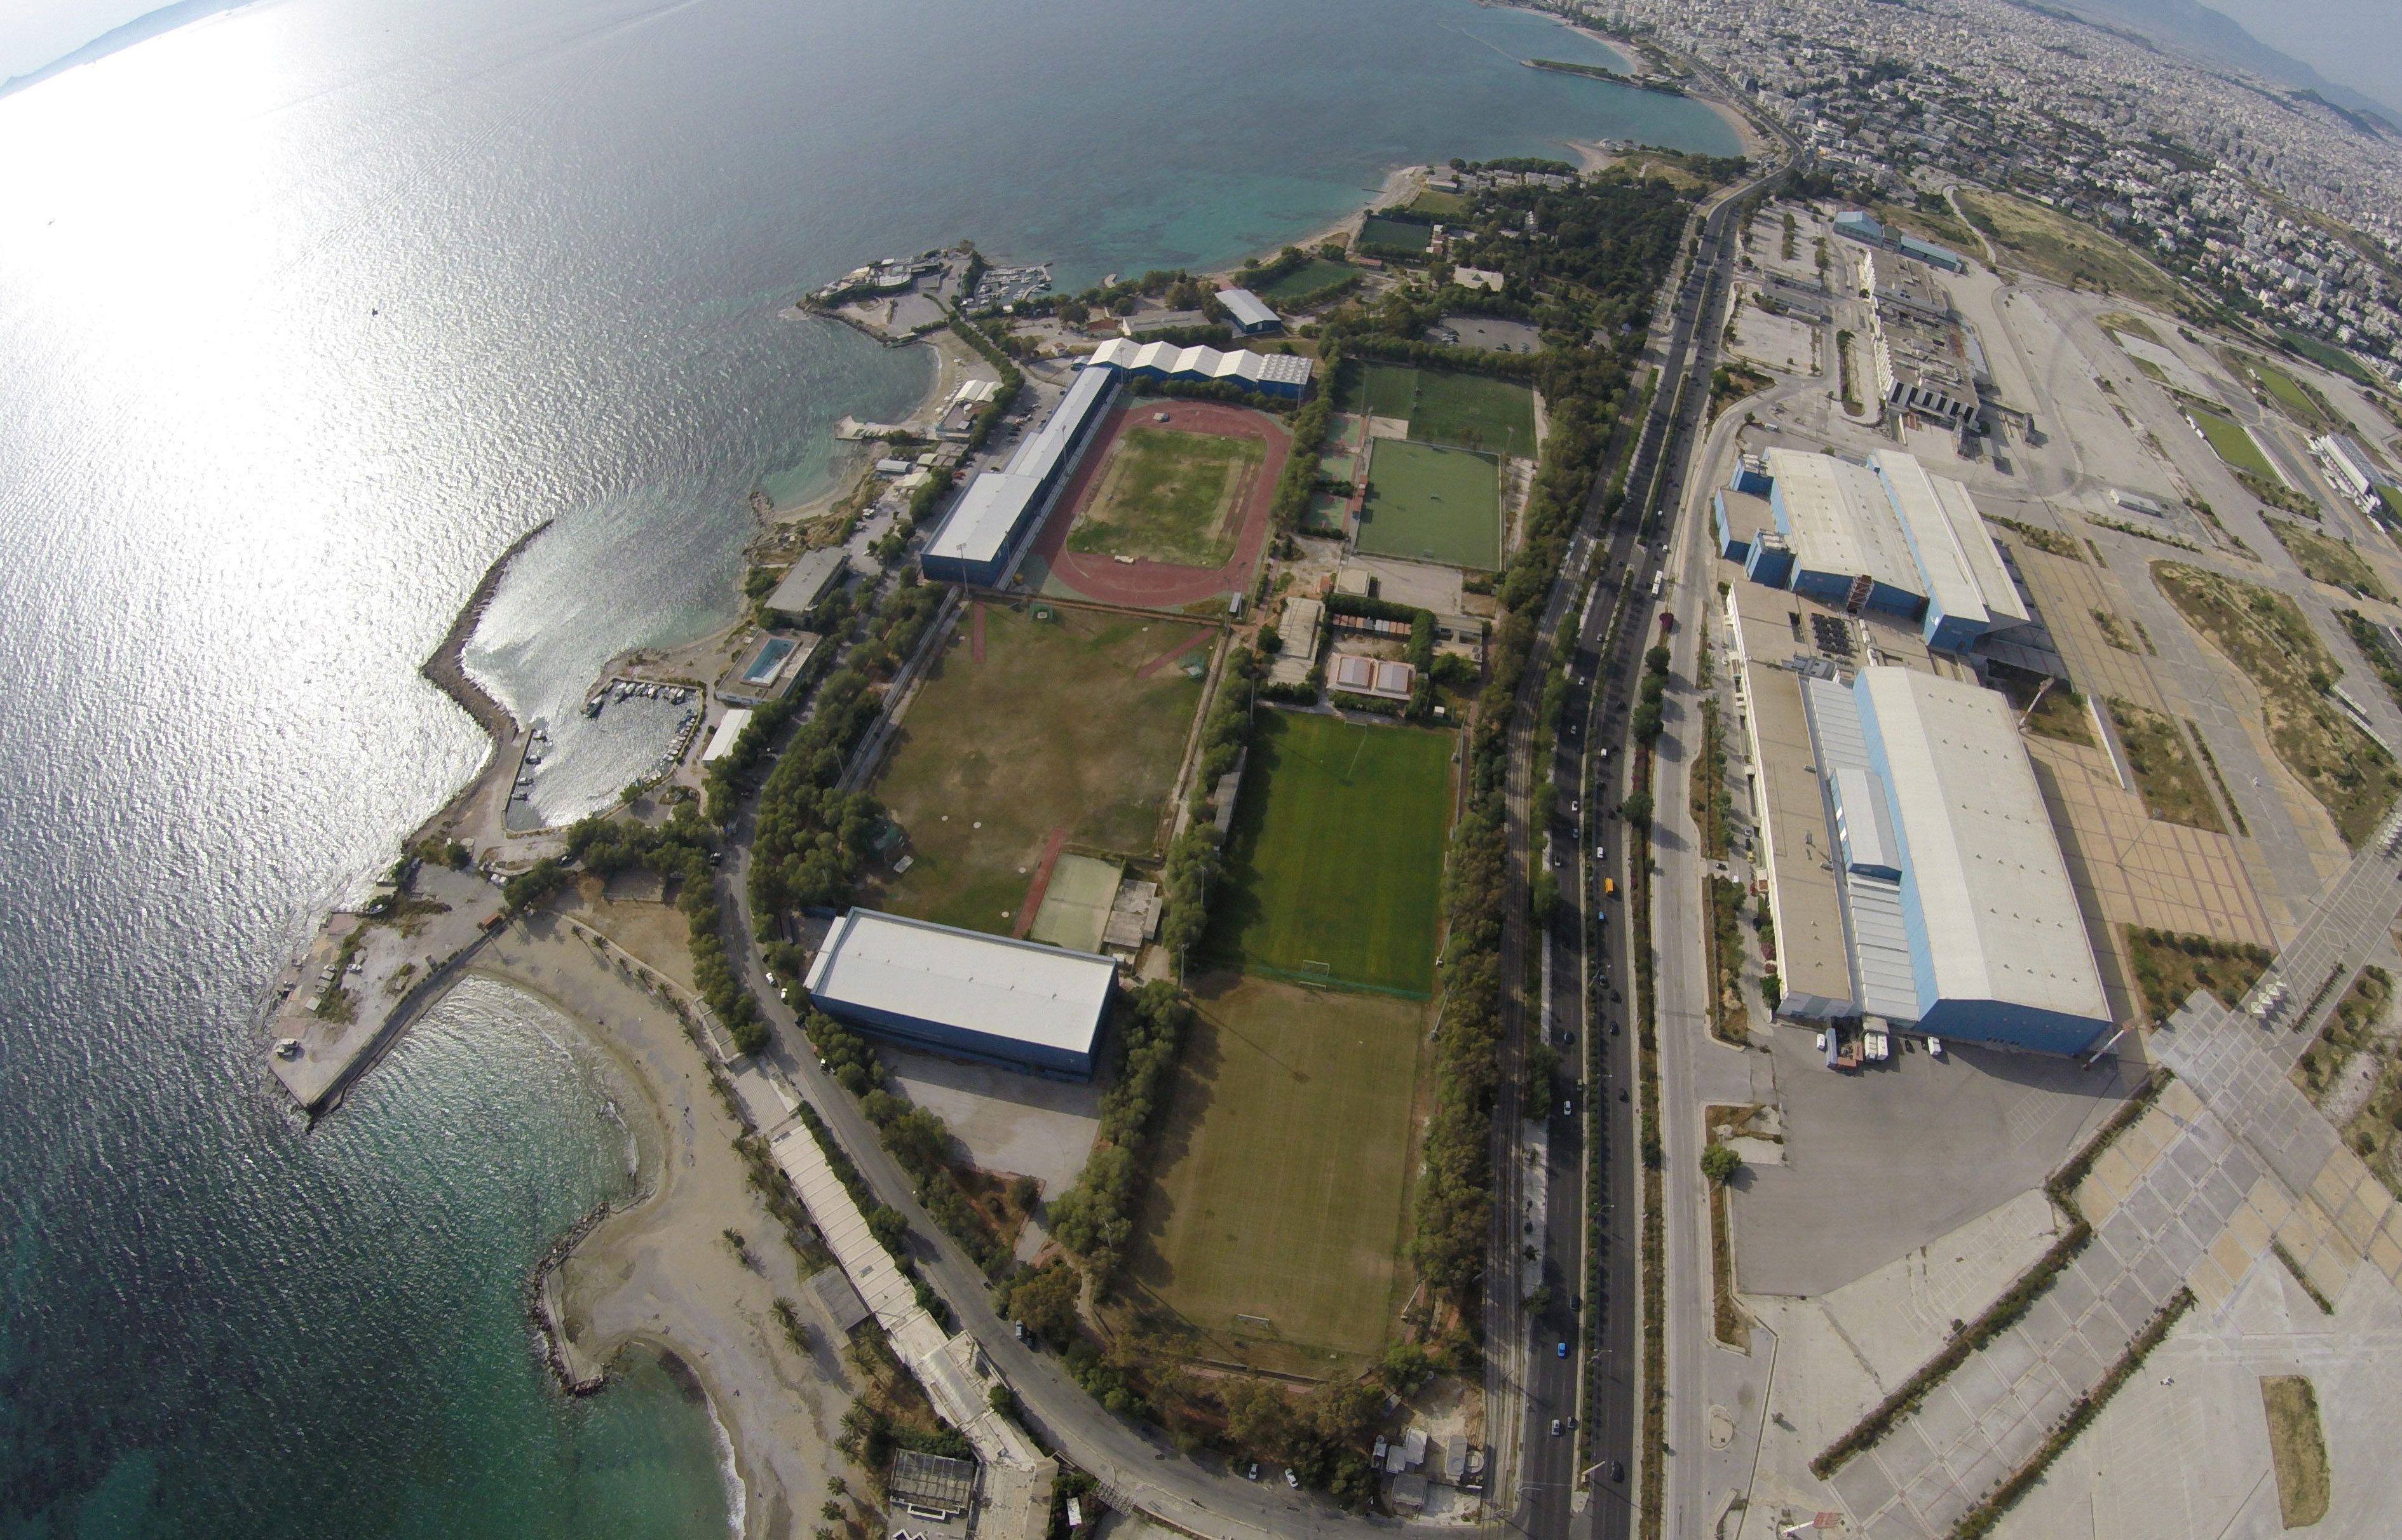 Προσφυγή κατοίκων στο ΣτΕ για την επένδυση στο Ελληνικό. Επικαλούνται βλάβη στο φυσικό περιβάλλον και στην ποιότητας ζωής